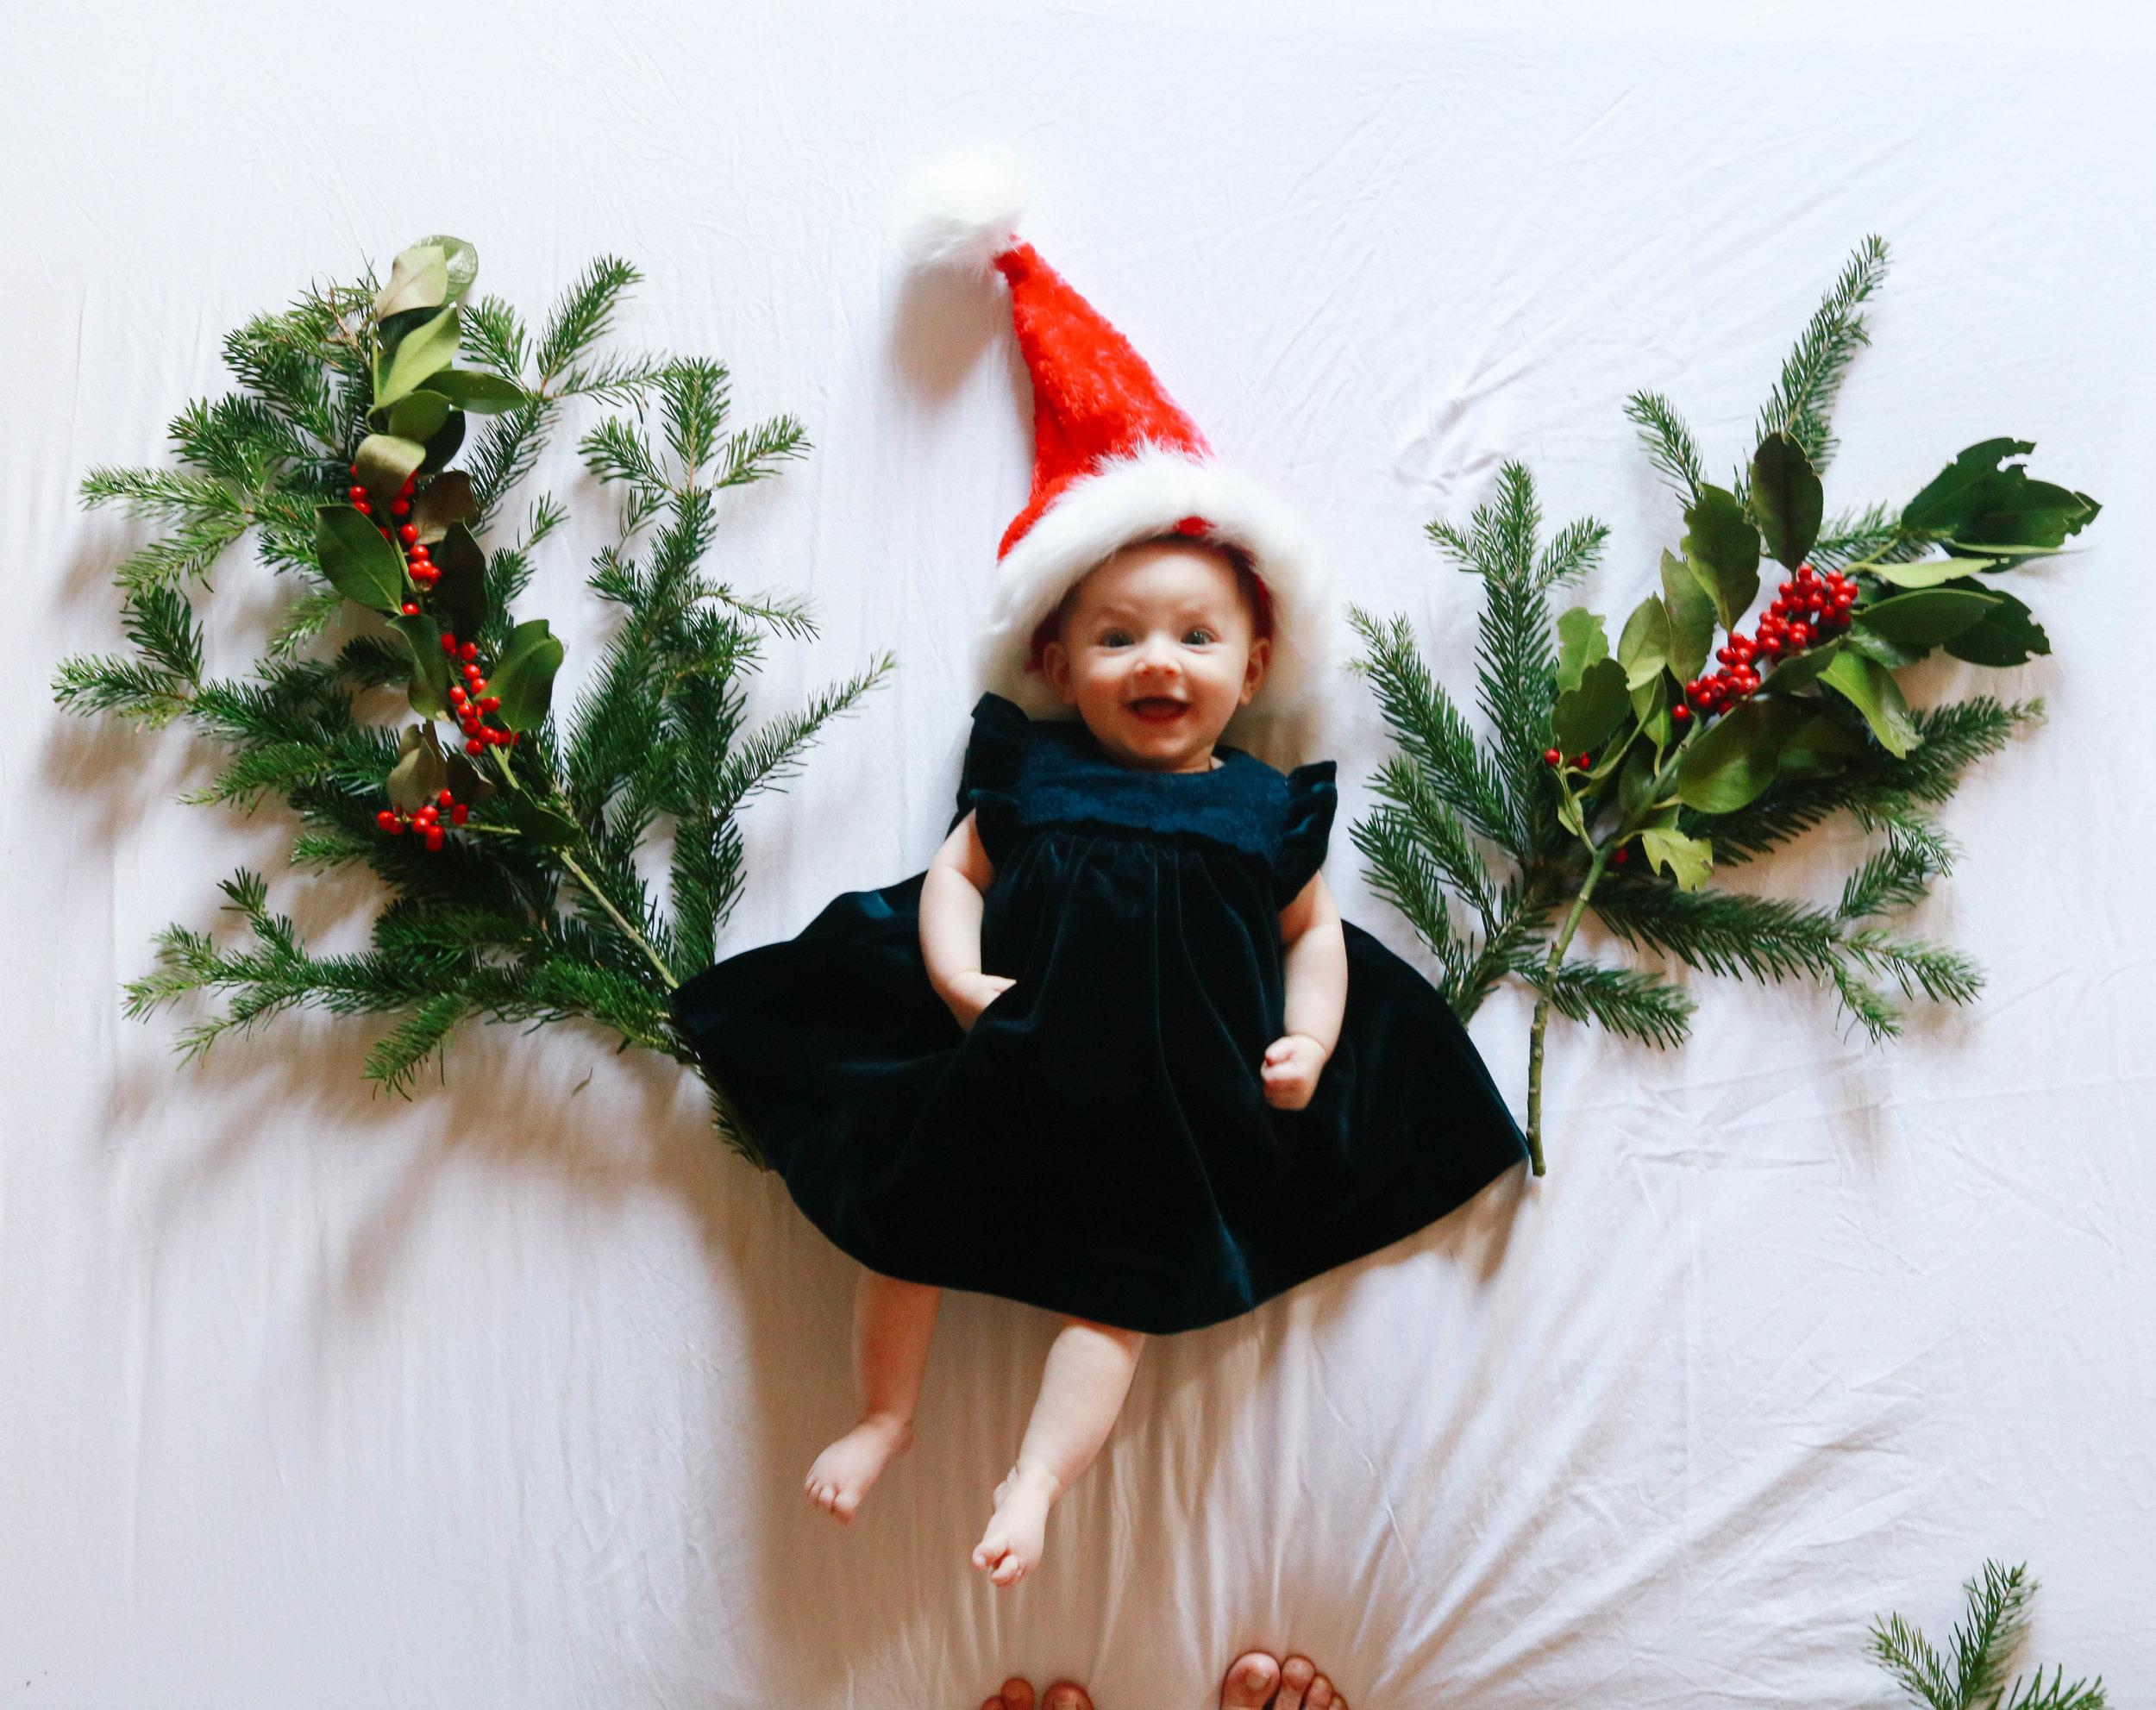 Immagini Stupide Di Natale.Happy Holidays La Nostra Cartolina D Auguri Ed Il Resoconto Sul Nostro Natale